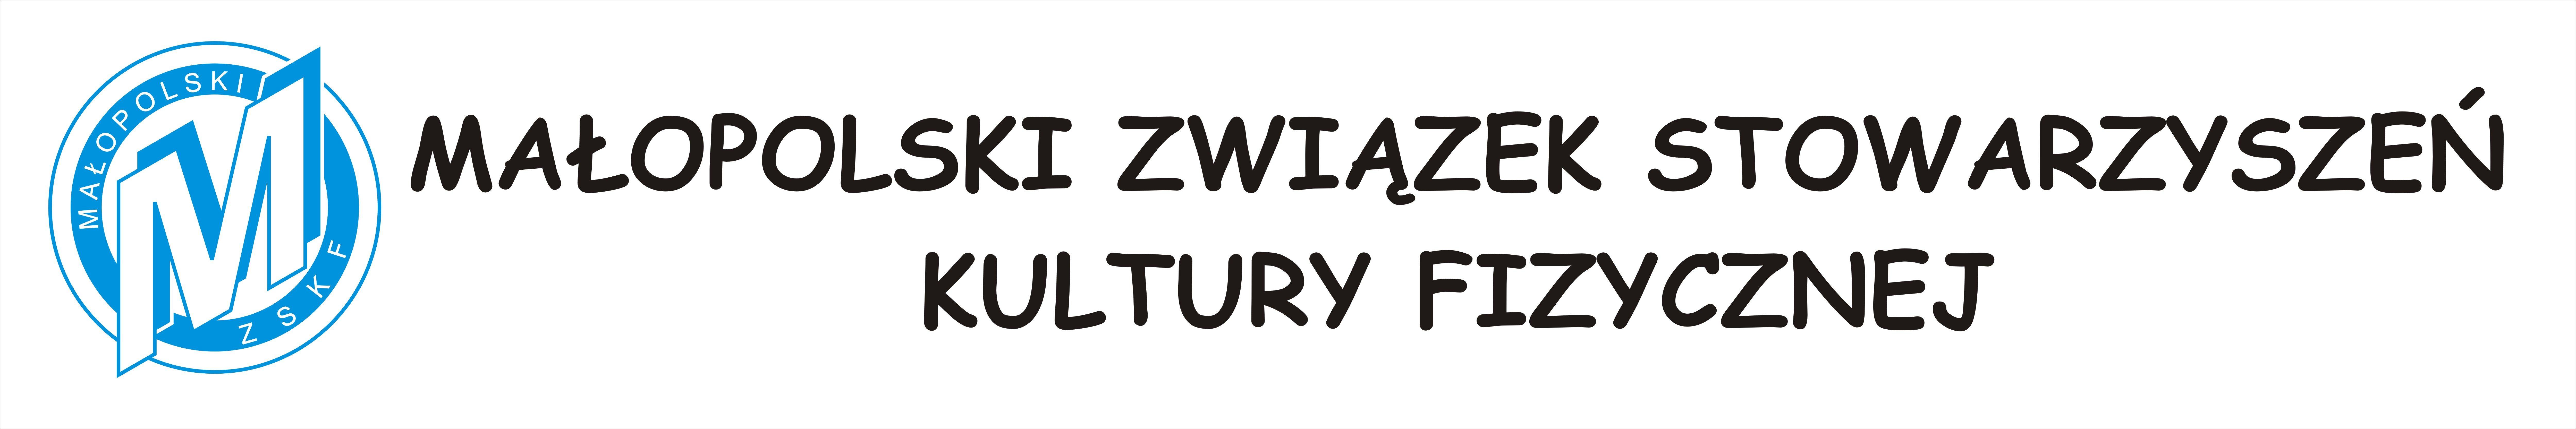 Małopolski Związek Stowarzyszeń Kultury Fizycznej